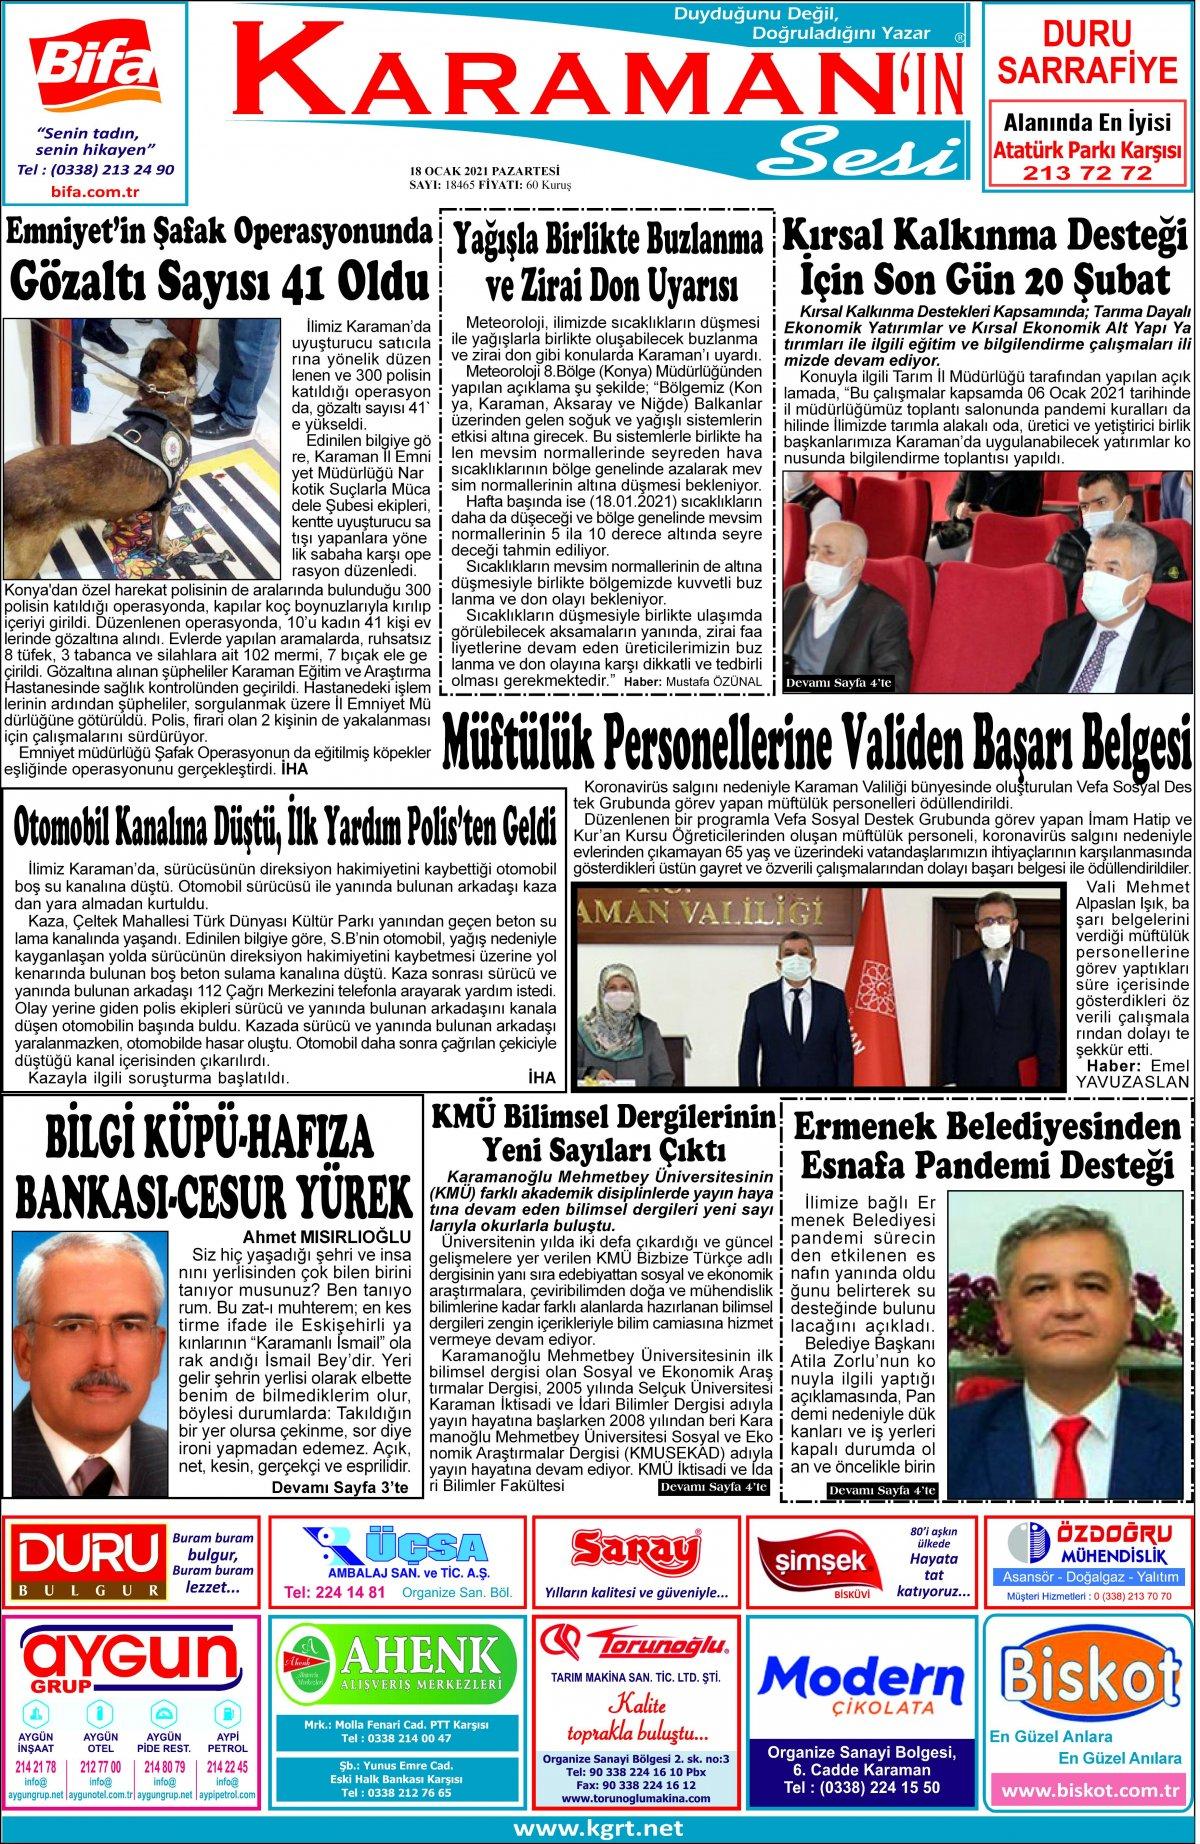 Karaman'ın Sesi | Karaman Haber|KGRT Karaman Haber - 18.01.2021 Manşeti